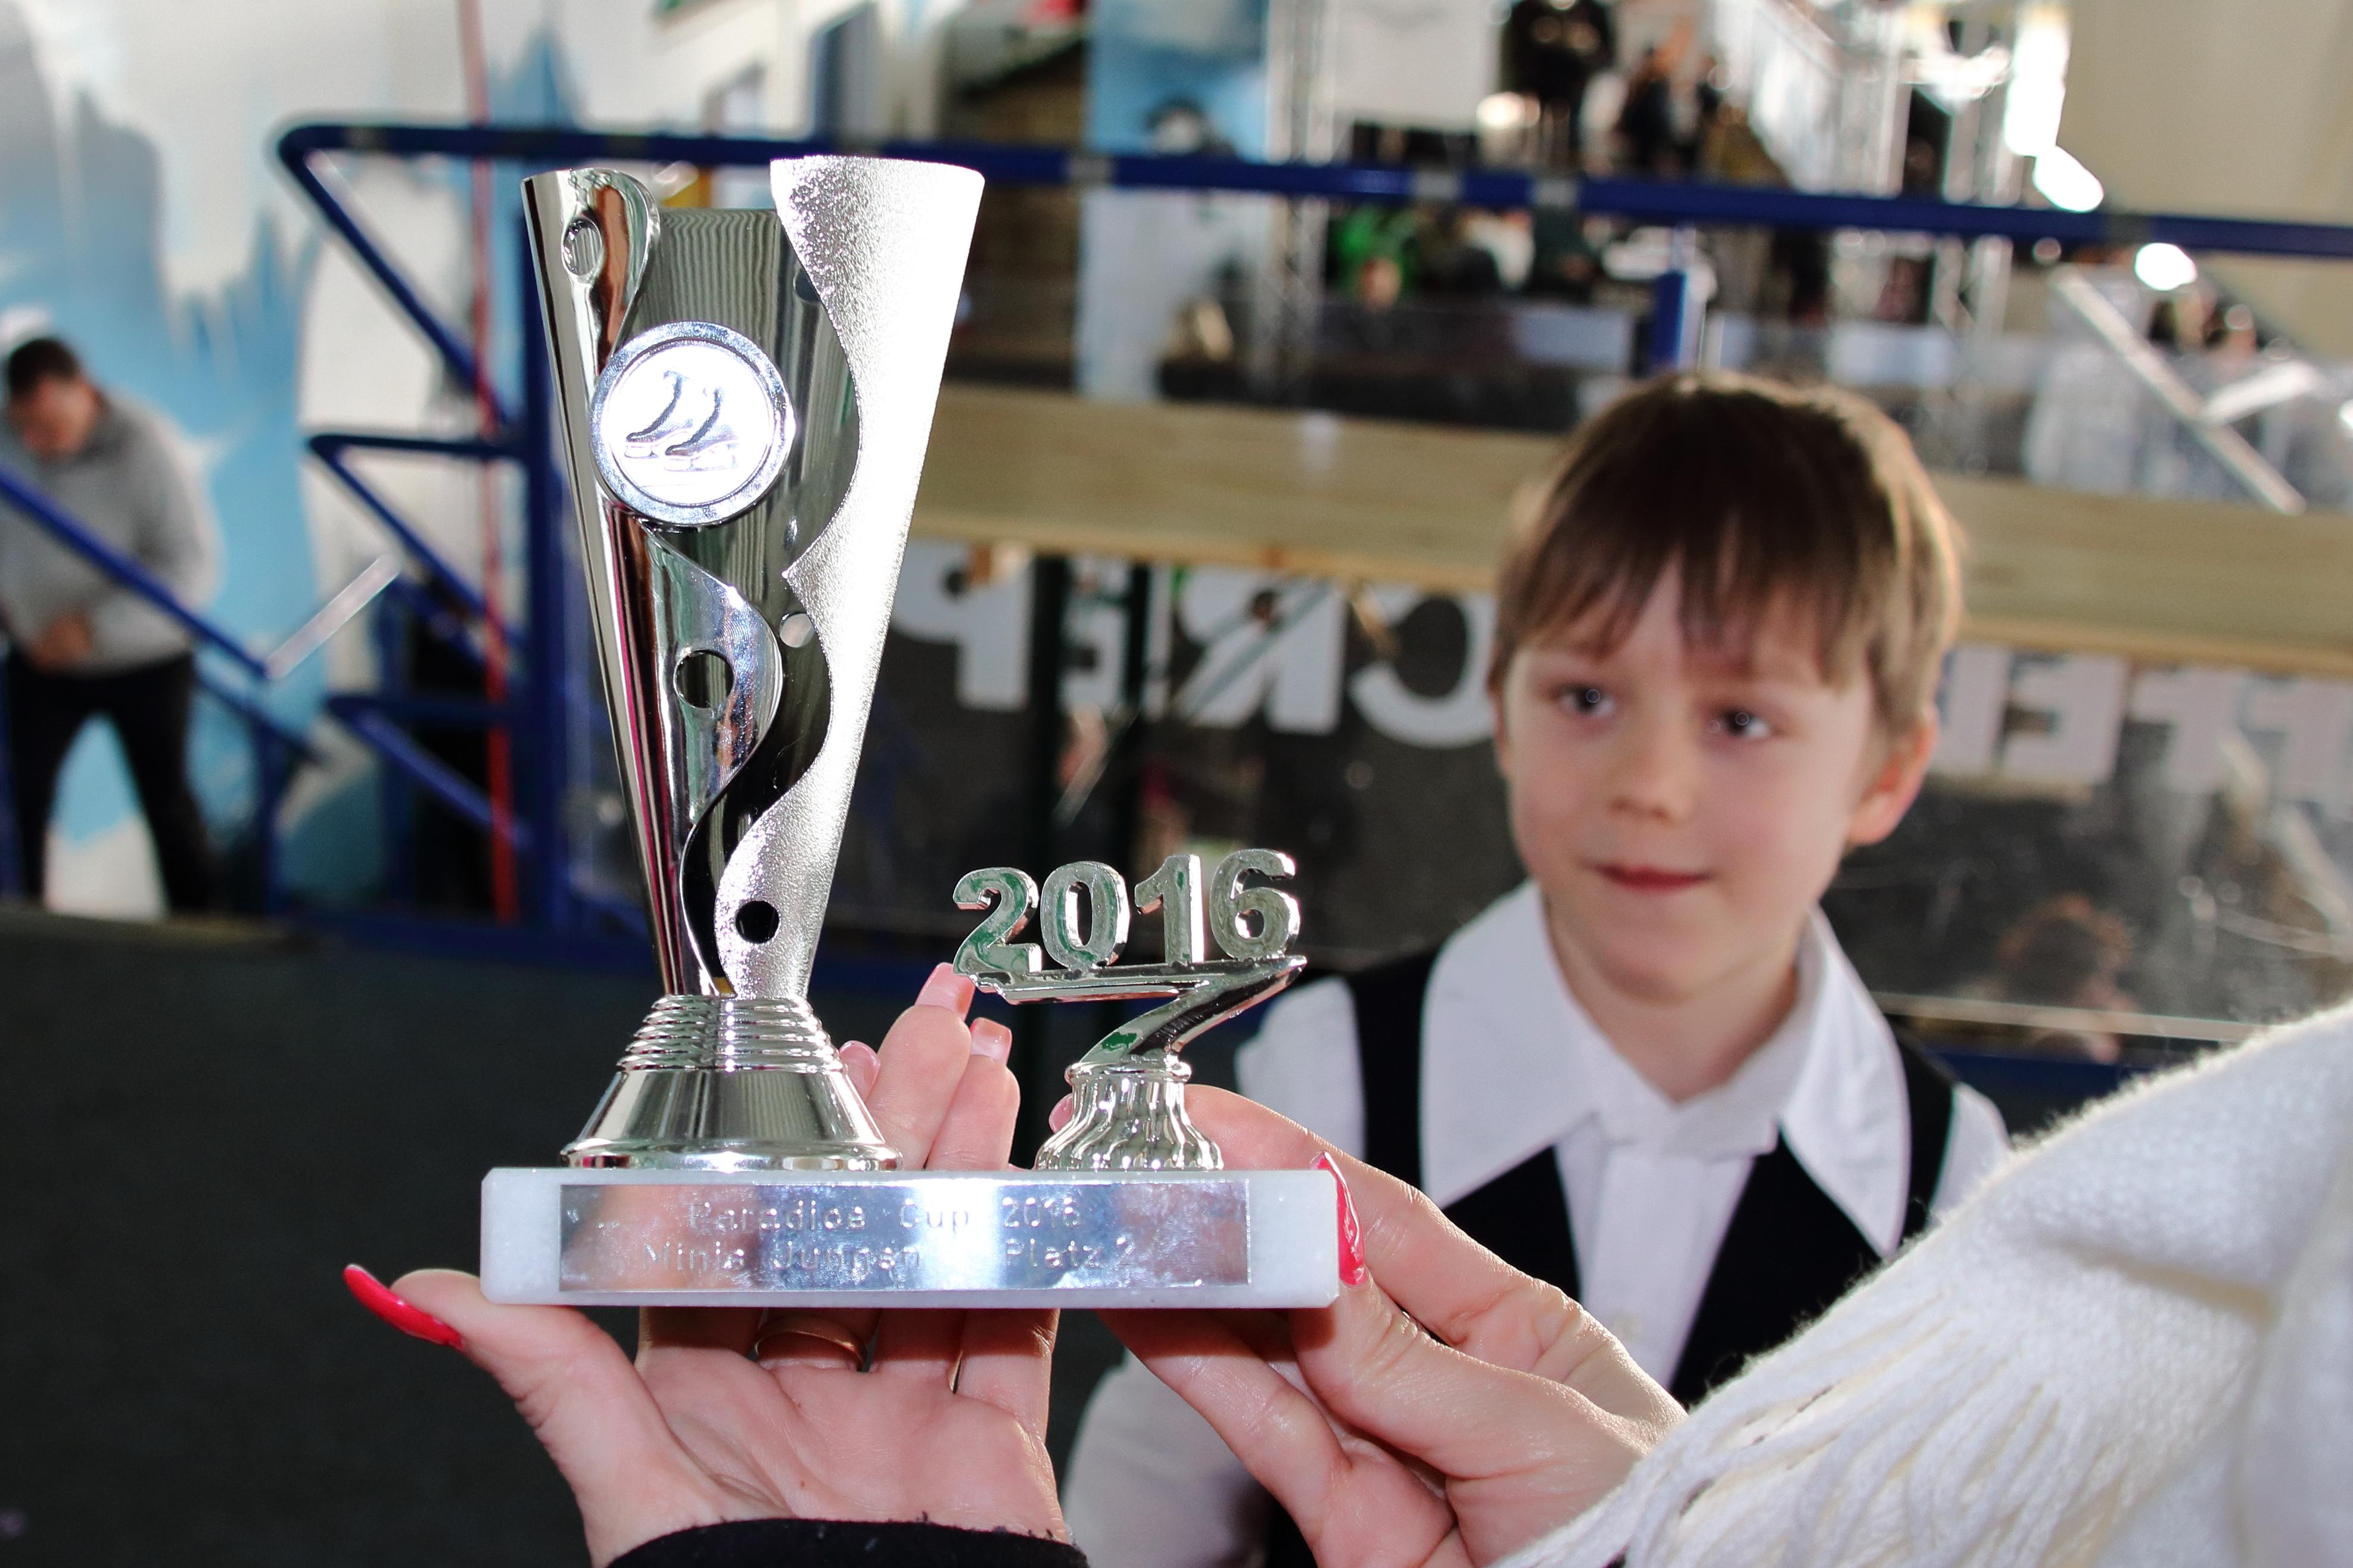 Paradice Cup 2016 in Bremen